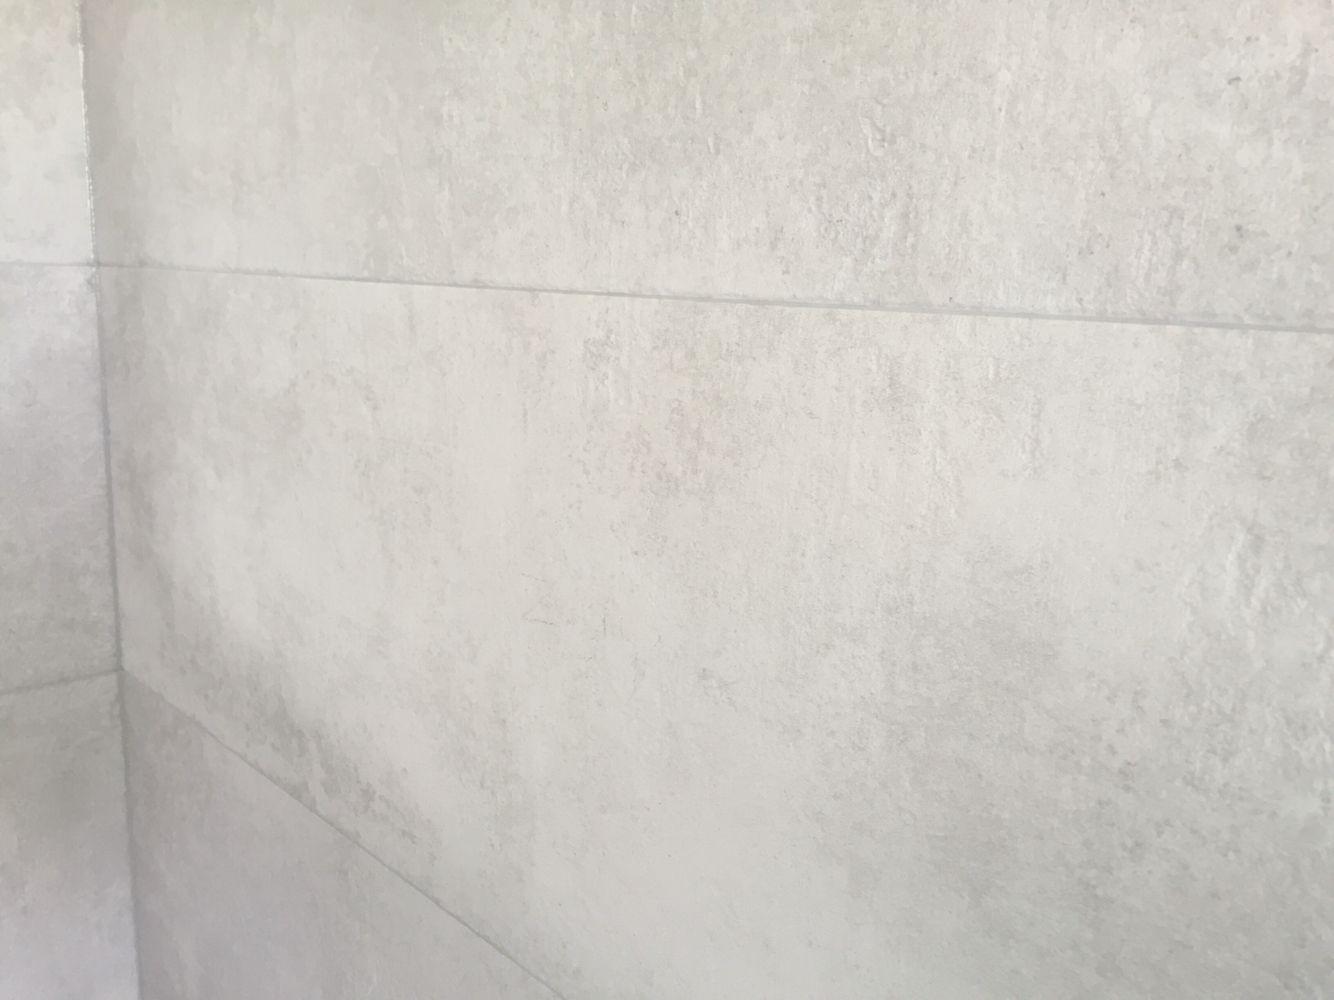 Venis baltimore wandtegels badkamer wit venis en porcelanosa tegels pinterest - Porcelanosa tegel badkamer ...